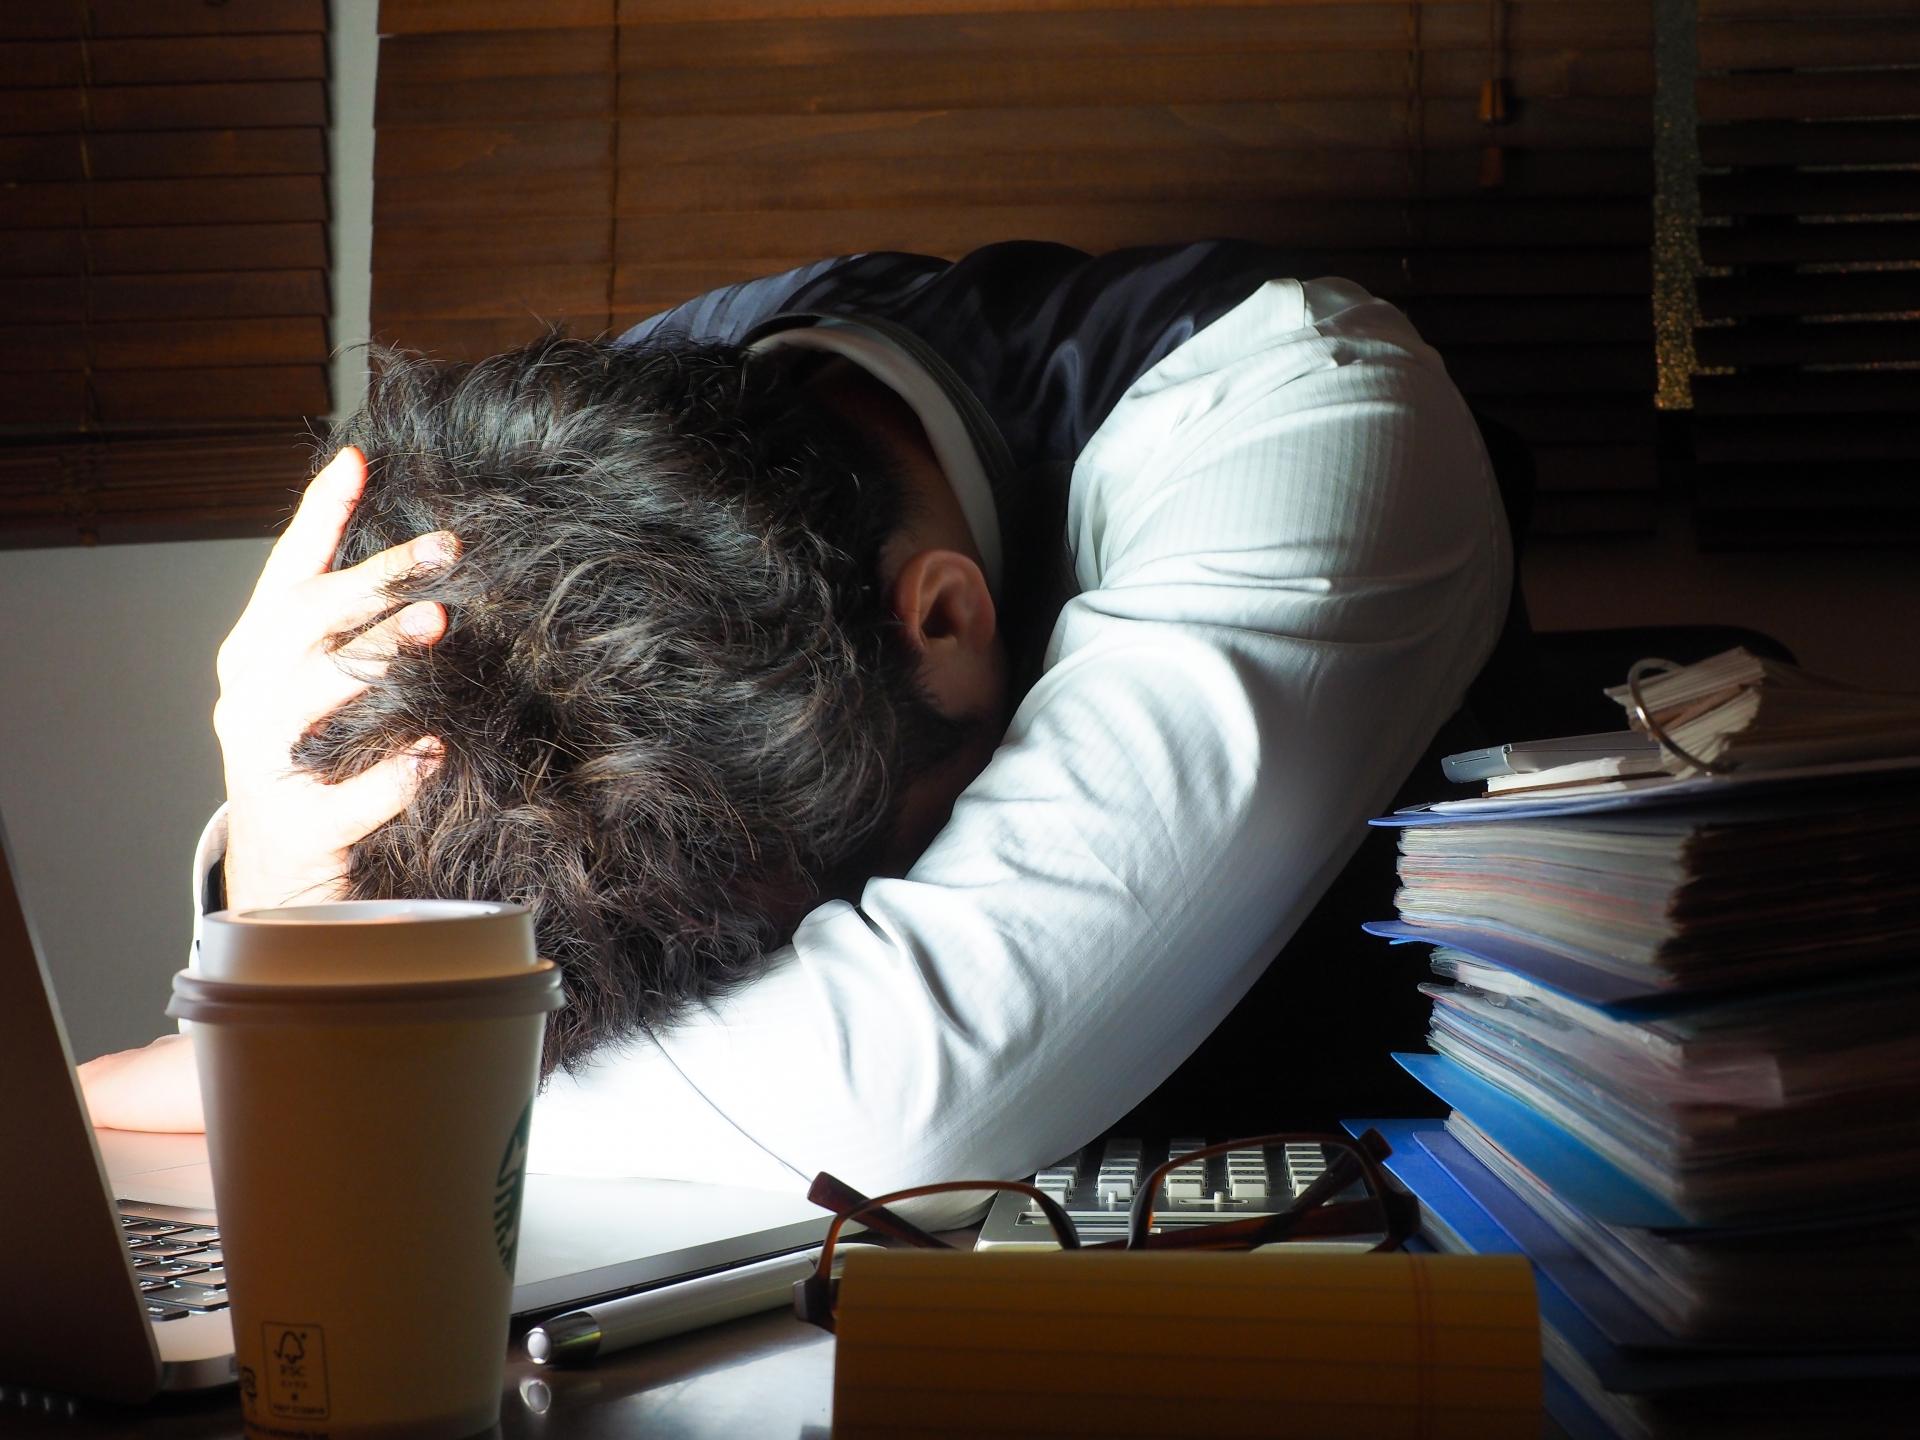 残業が多すぎでやめたいと感じたとき、試してほしい5つの改善方法。